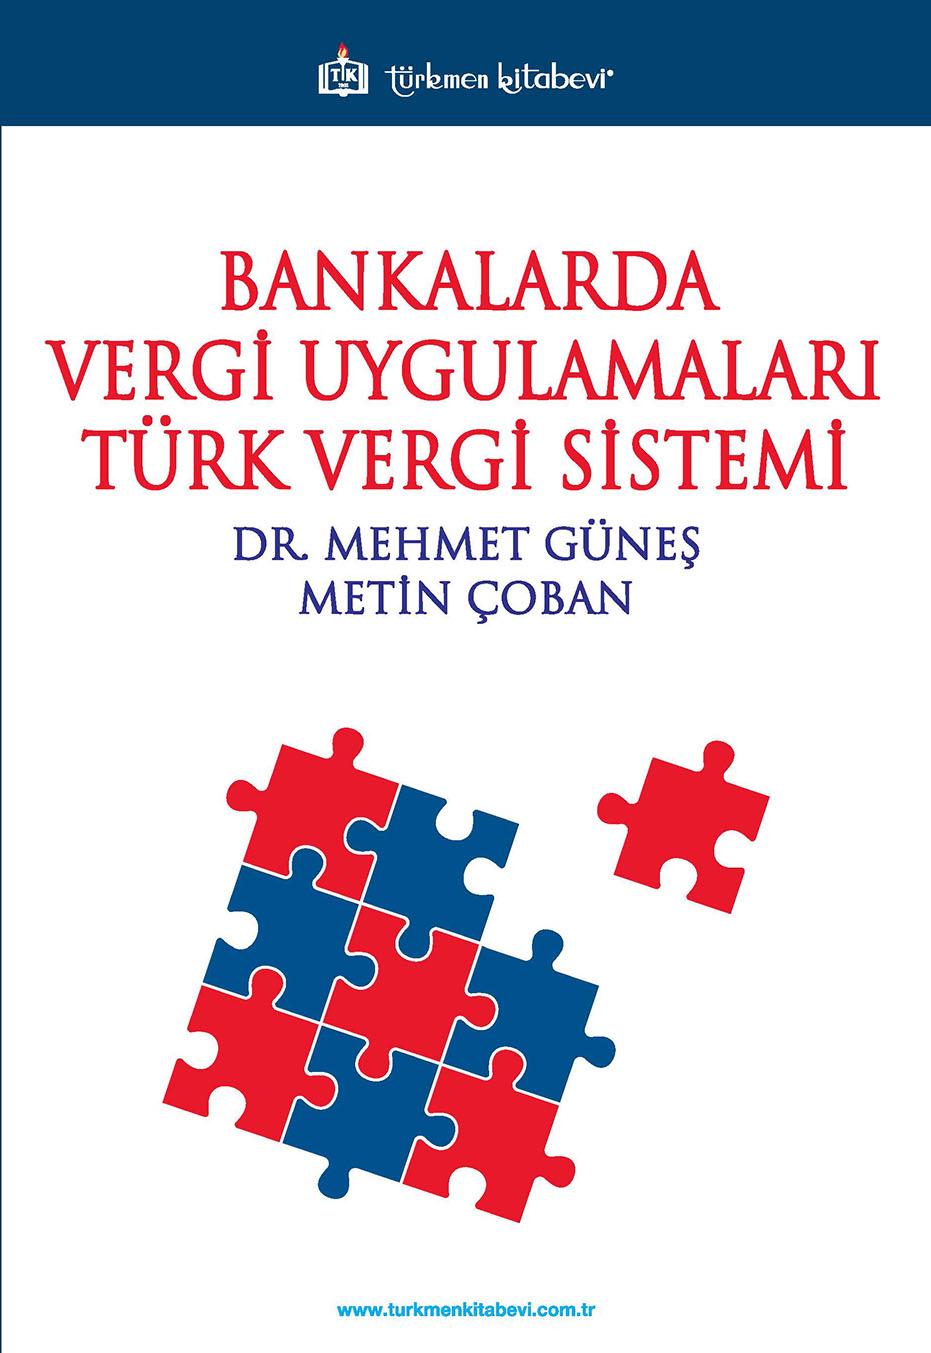 Bankalarda Vergi Uygulamaları Türk Vergi Sistemi